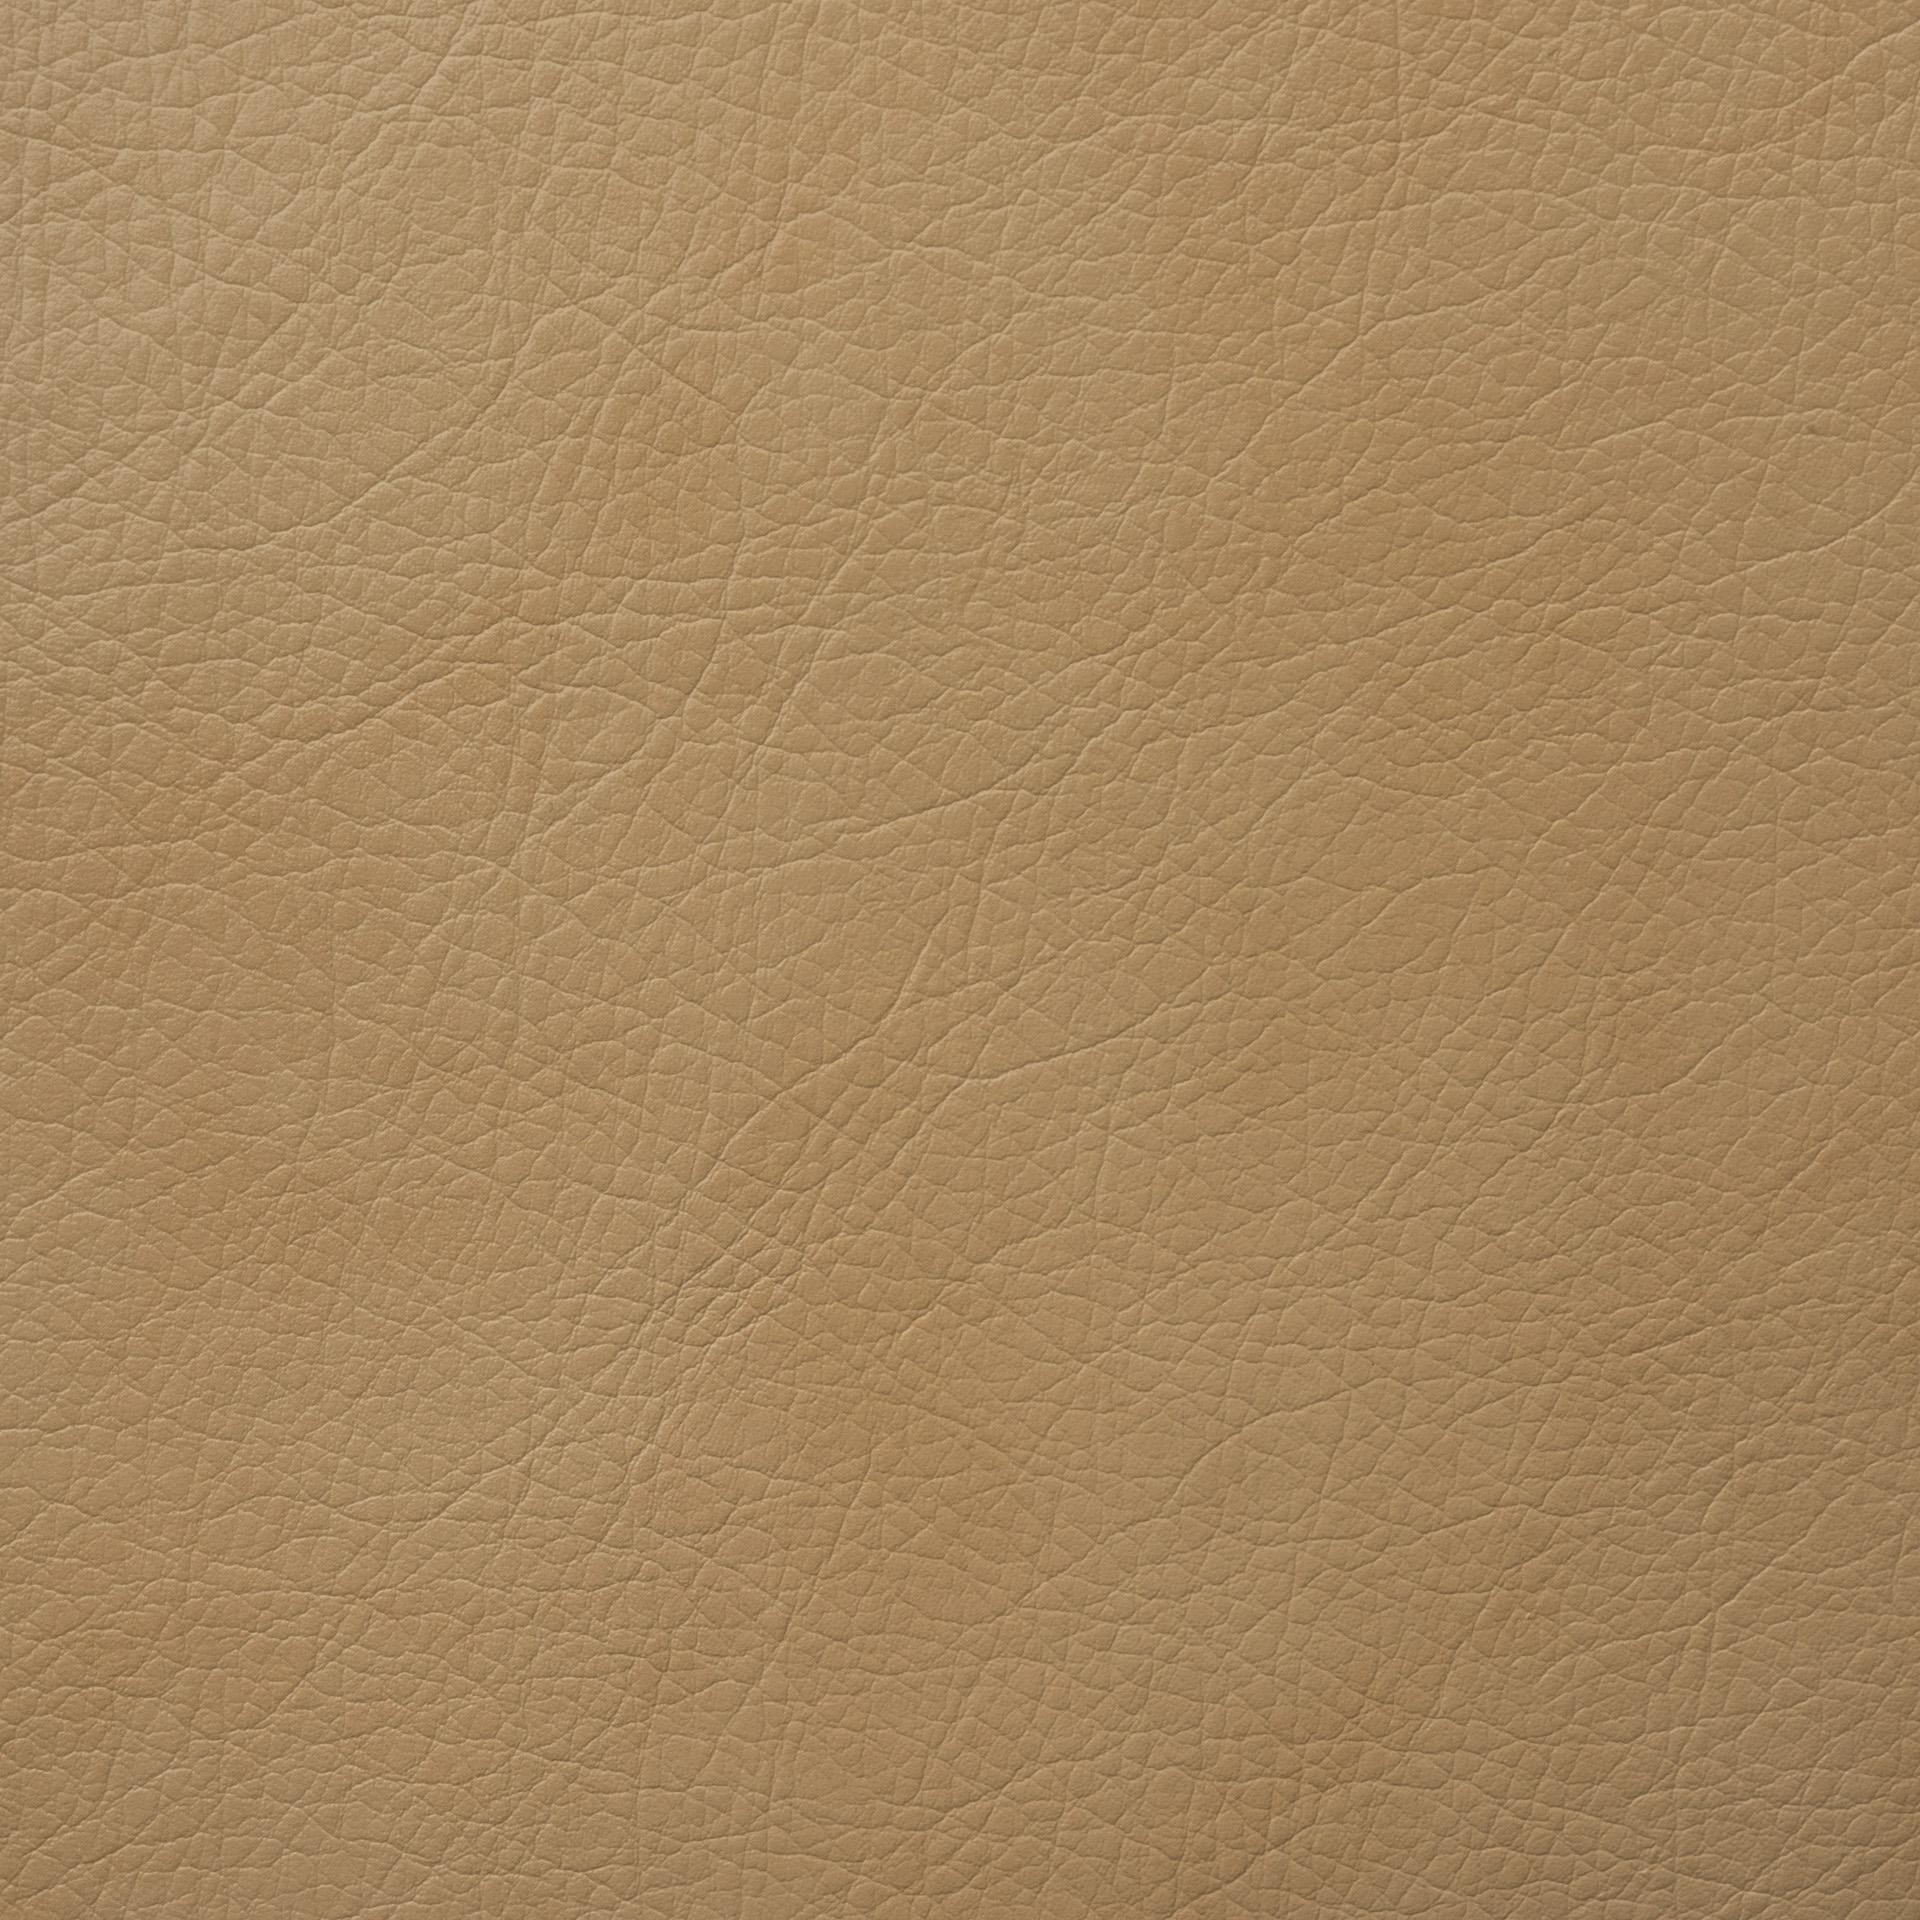 Коллекция ткани Титан GOLD BEIGE,  купить ткань Кож зам для мебели Украина